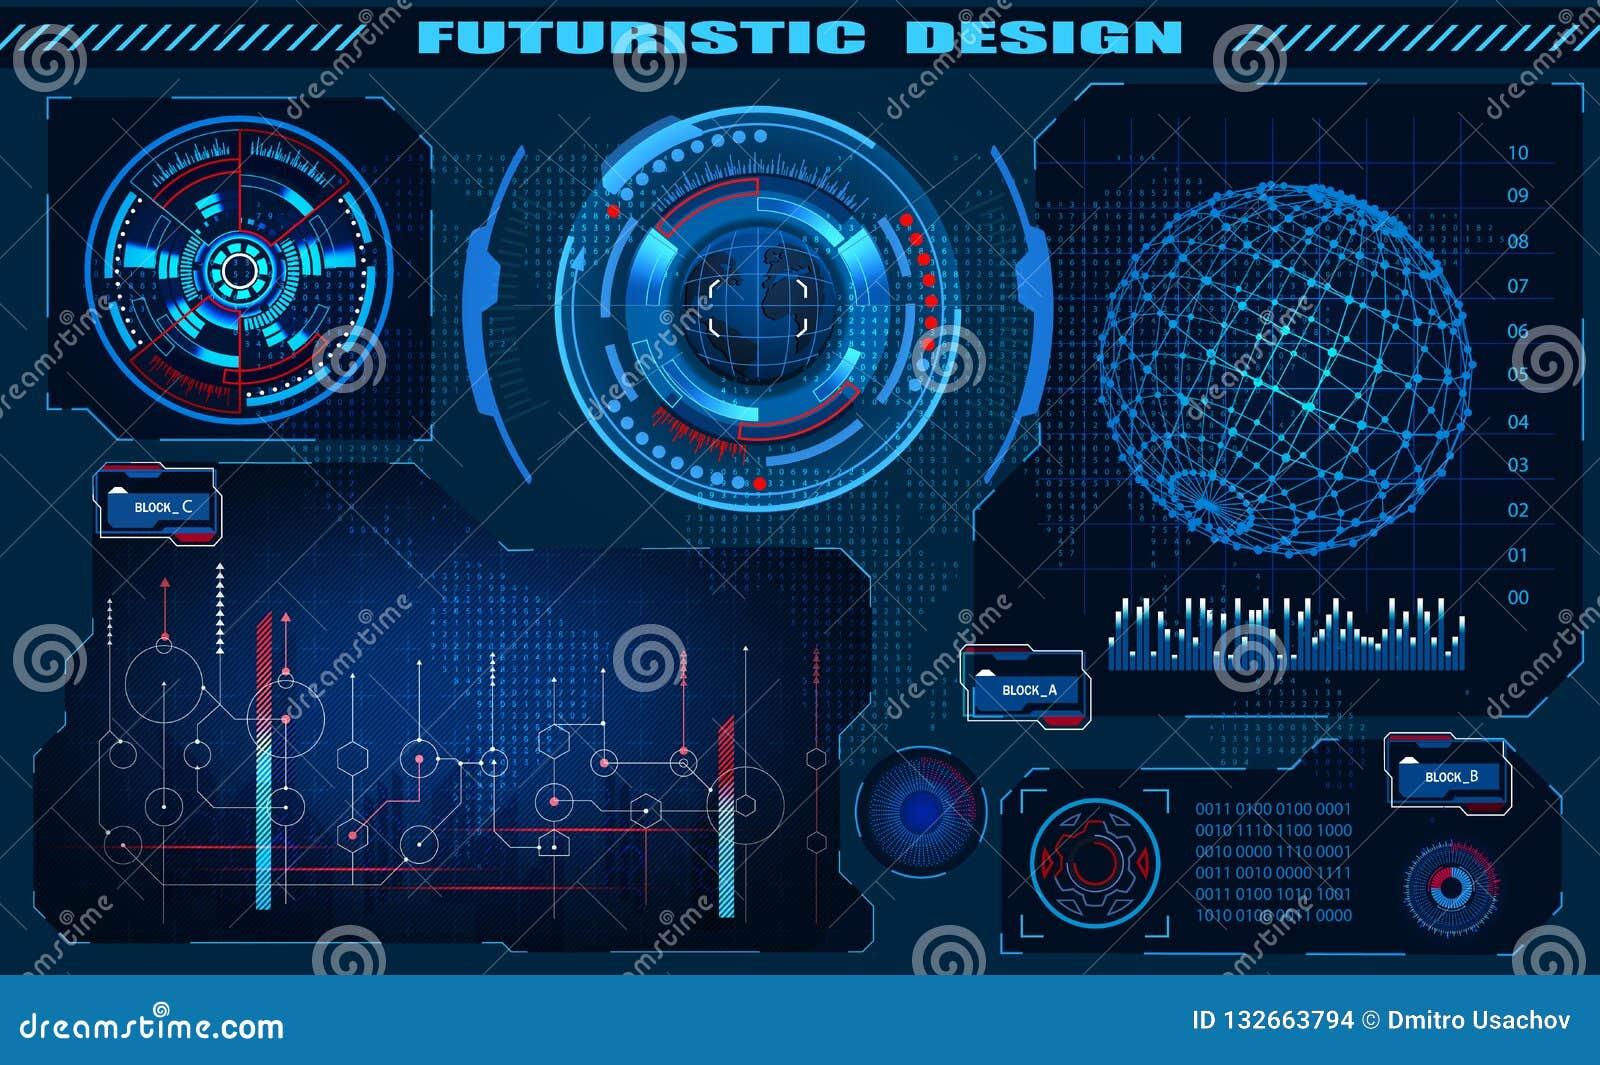 De futuristische grafische interface hud ontwerpt, infographic elementen, hologram van de bol Thema en wetenschap, het thema van